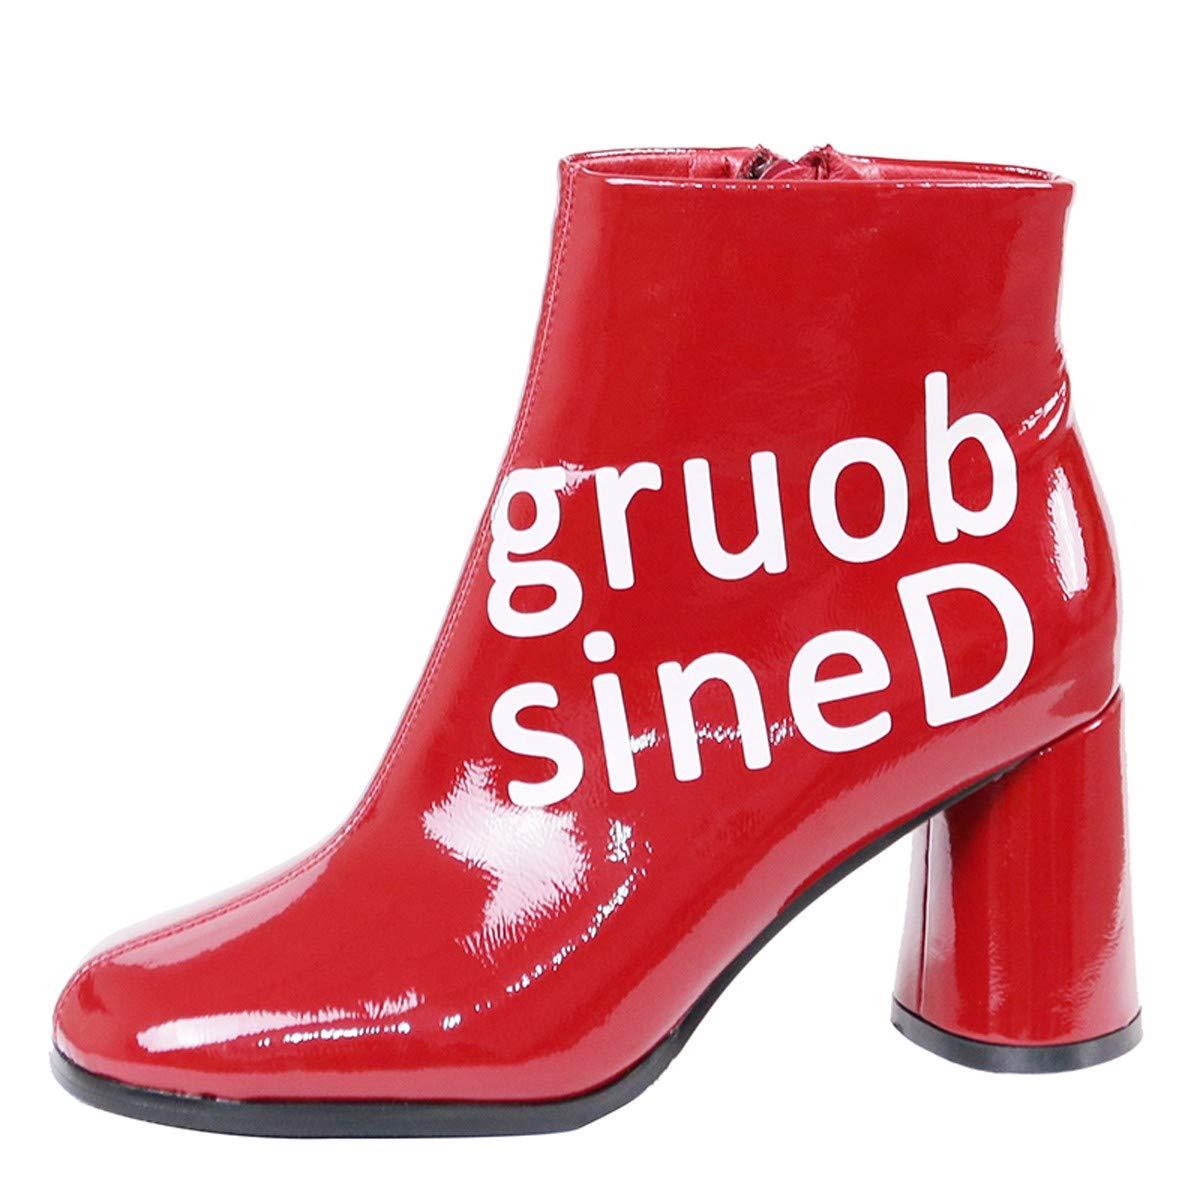 Gules Thirty-eight HBDLH Chaussures pour Femmes La Tête Ronde avec Grande 8Cm Rugueux Et Talon Haut à La Mode Joker Lettre Côté Zipper Bottes Martin Bottes.